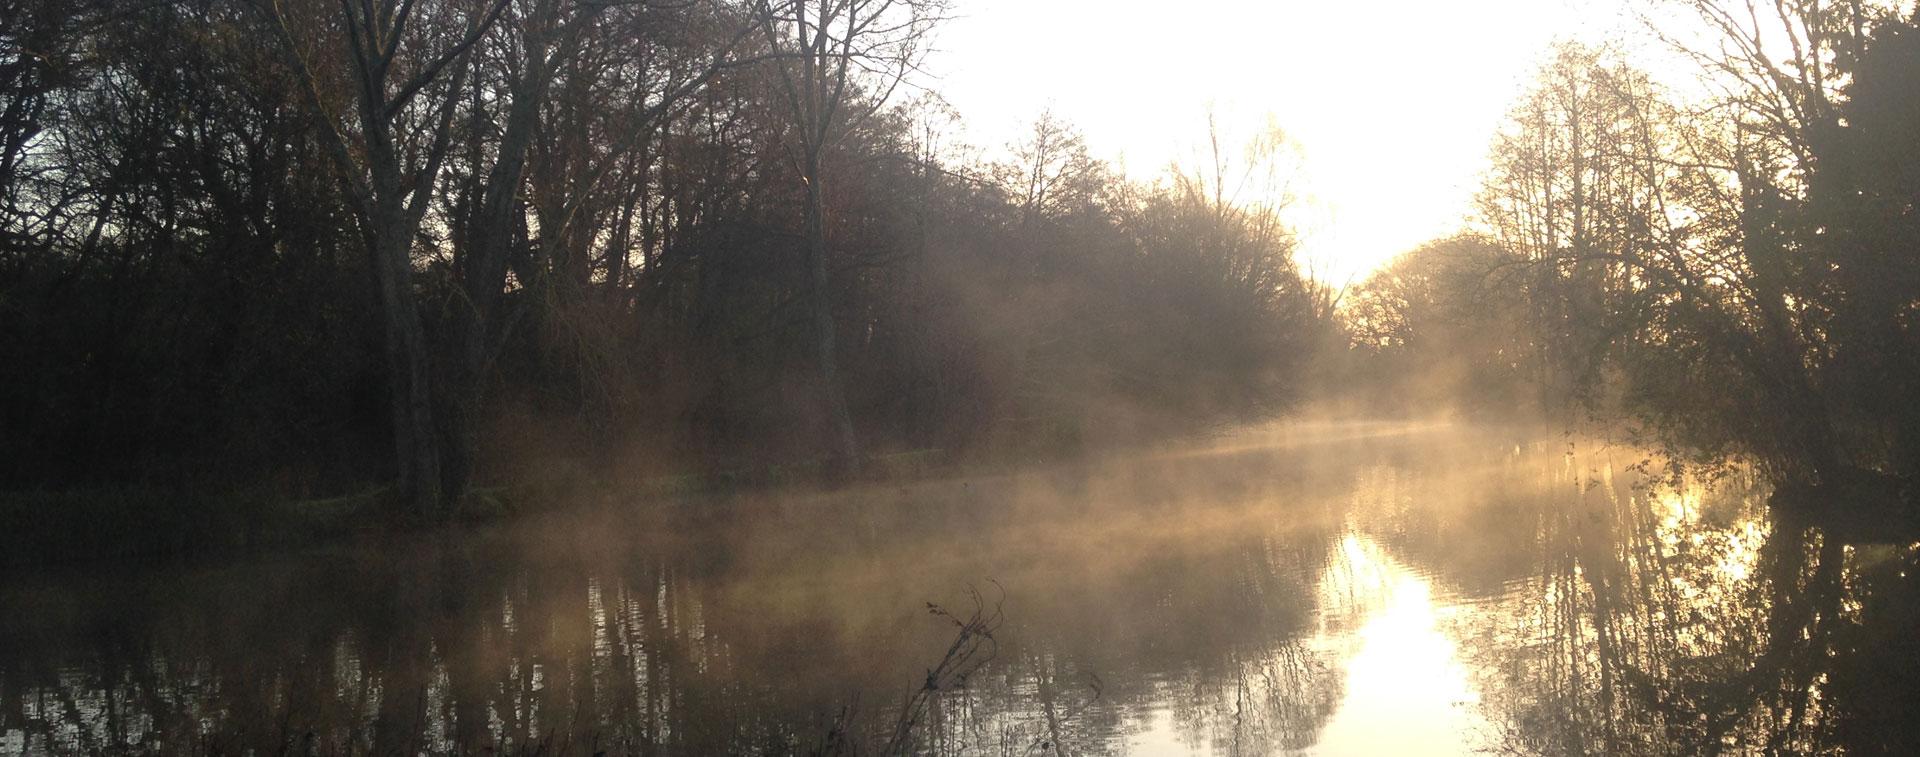 Holbury Lakes, Hampshire